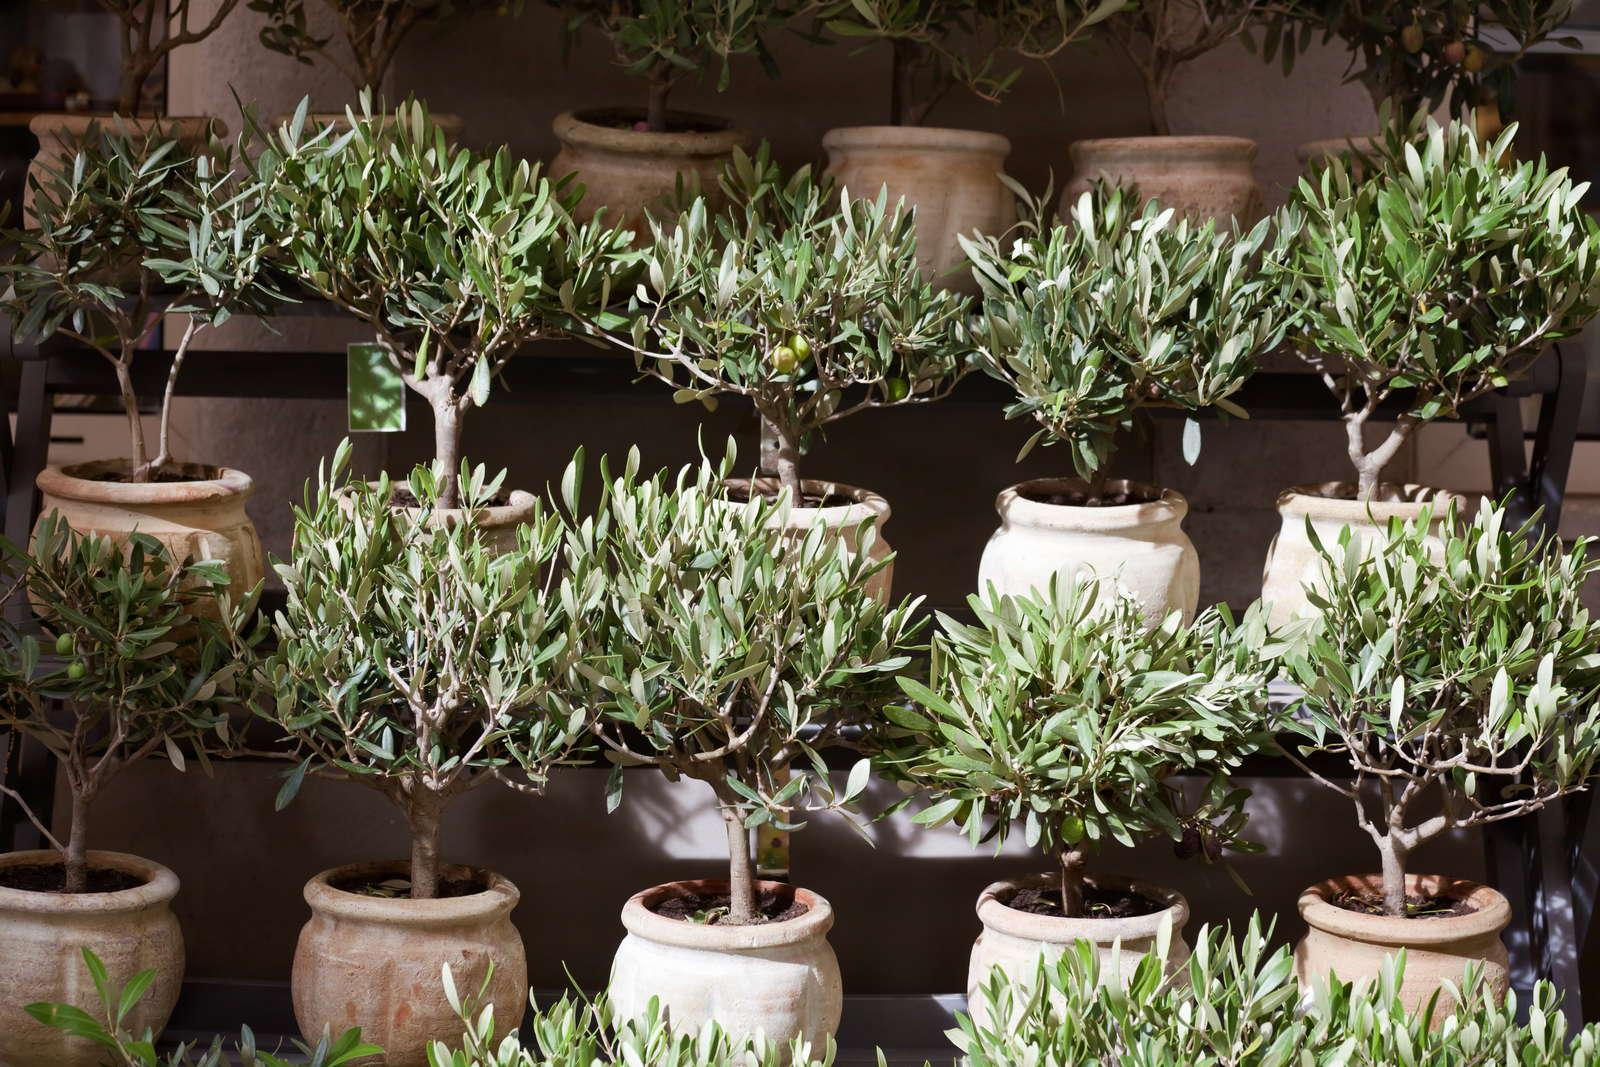 Beliebt Olivenbaum umtopfen: Häufigkeit, Zeitpunkt & Anleitung - Plantura FV79